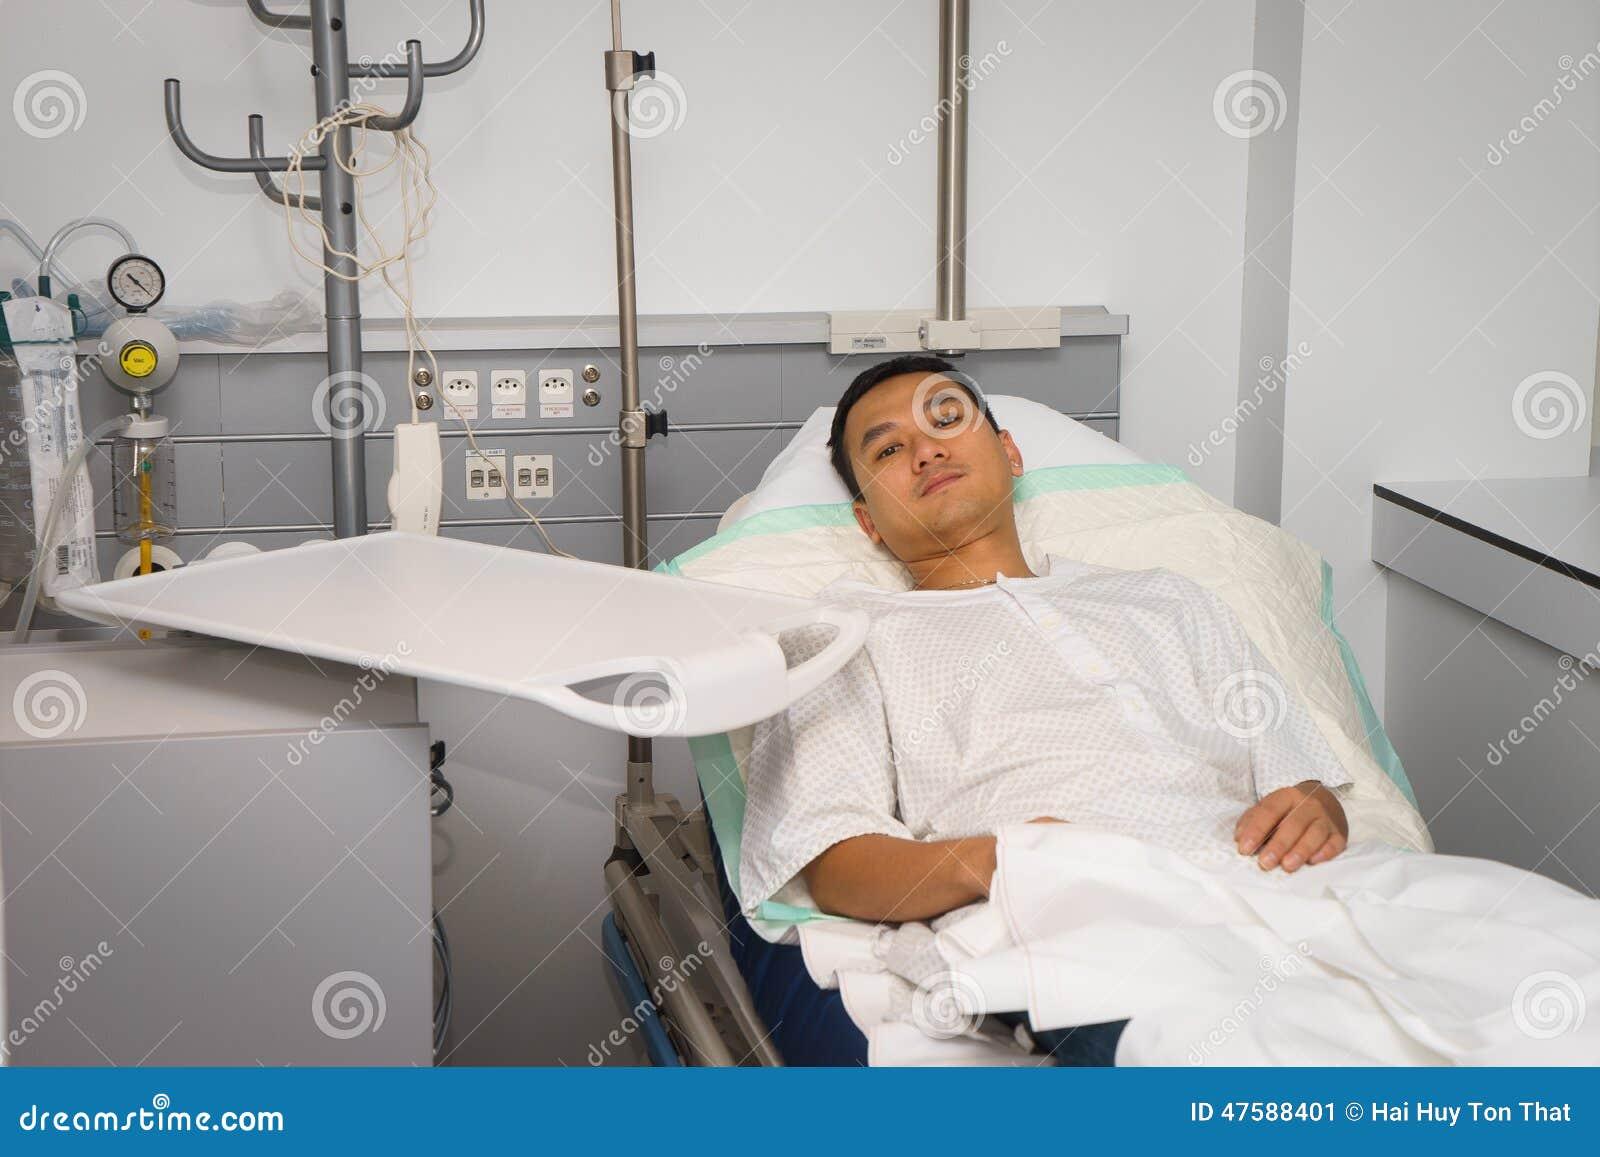 he is a patient man